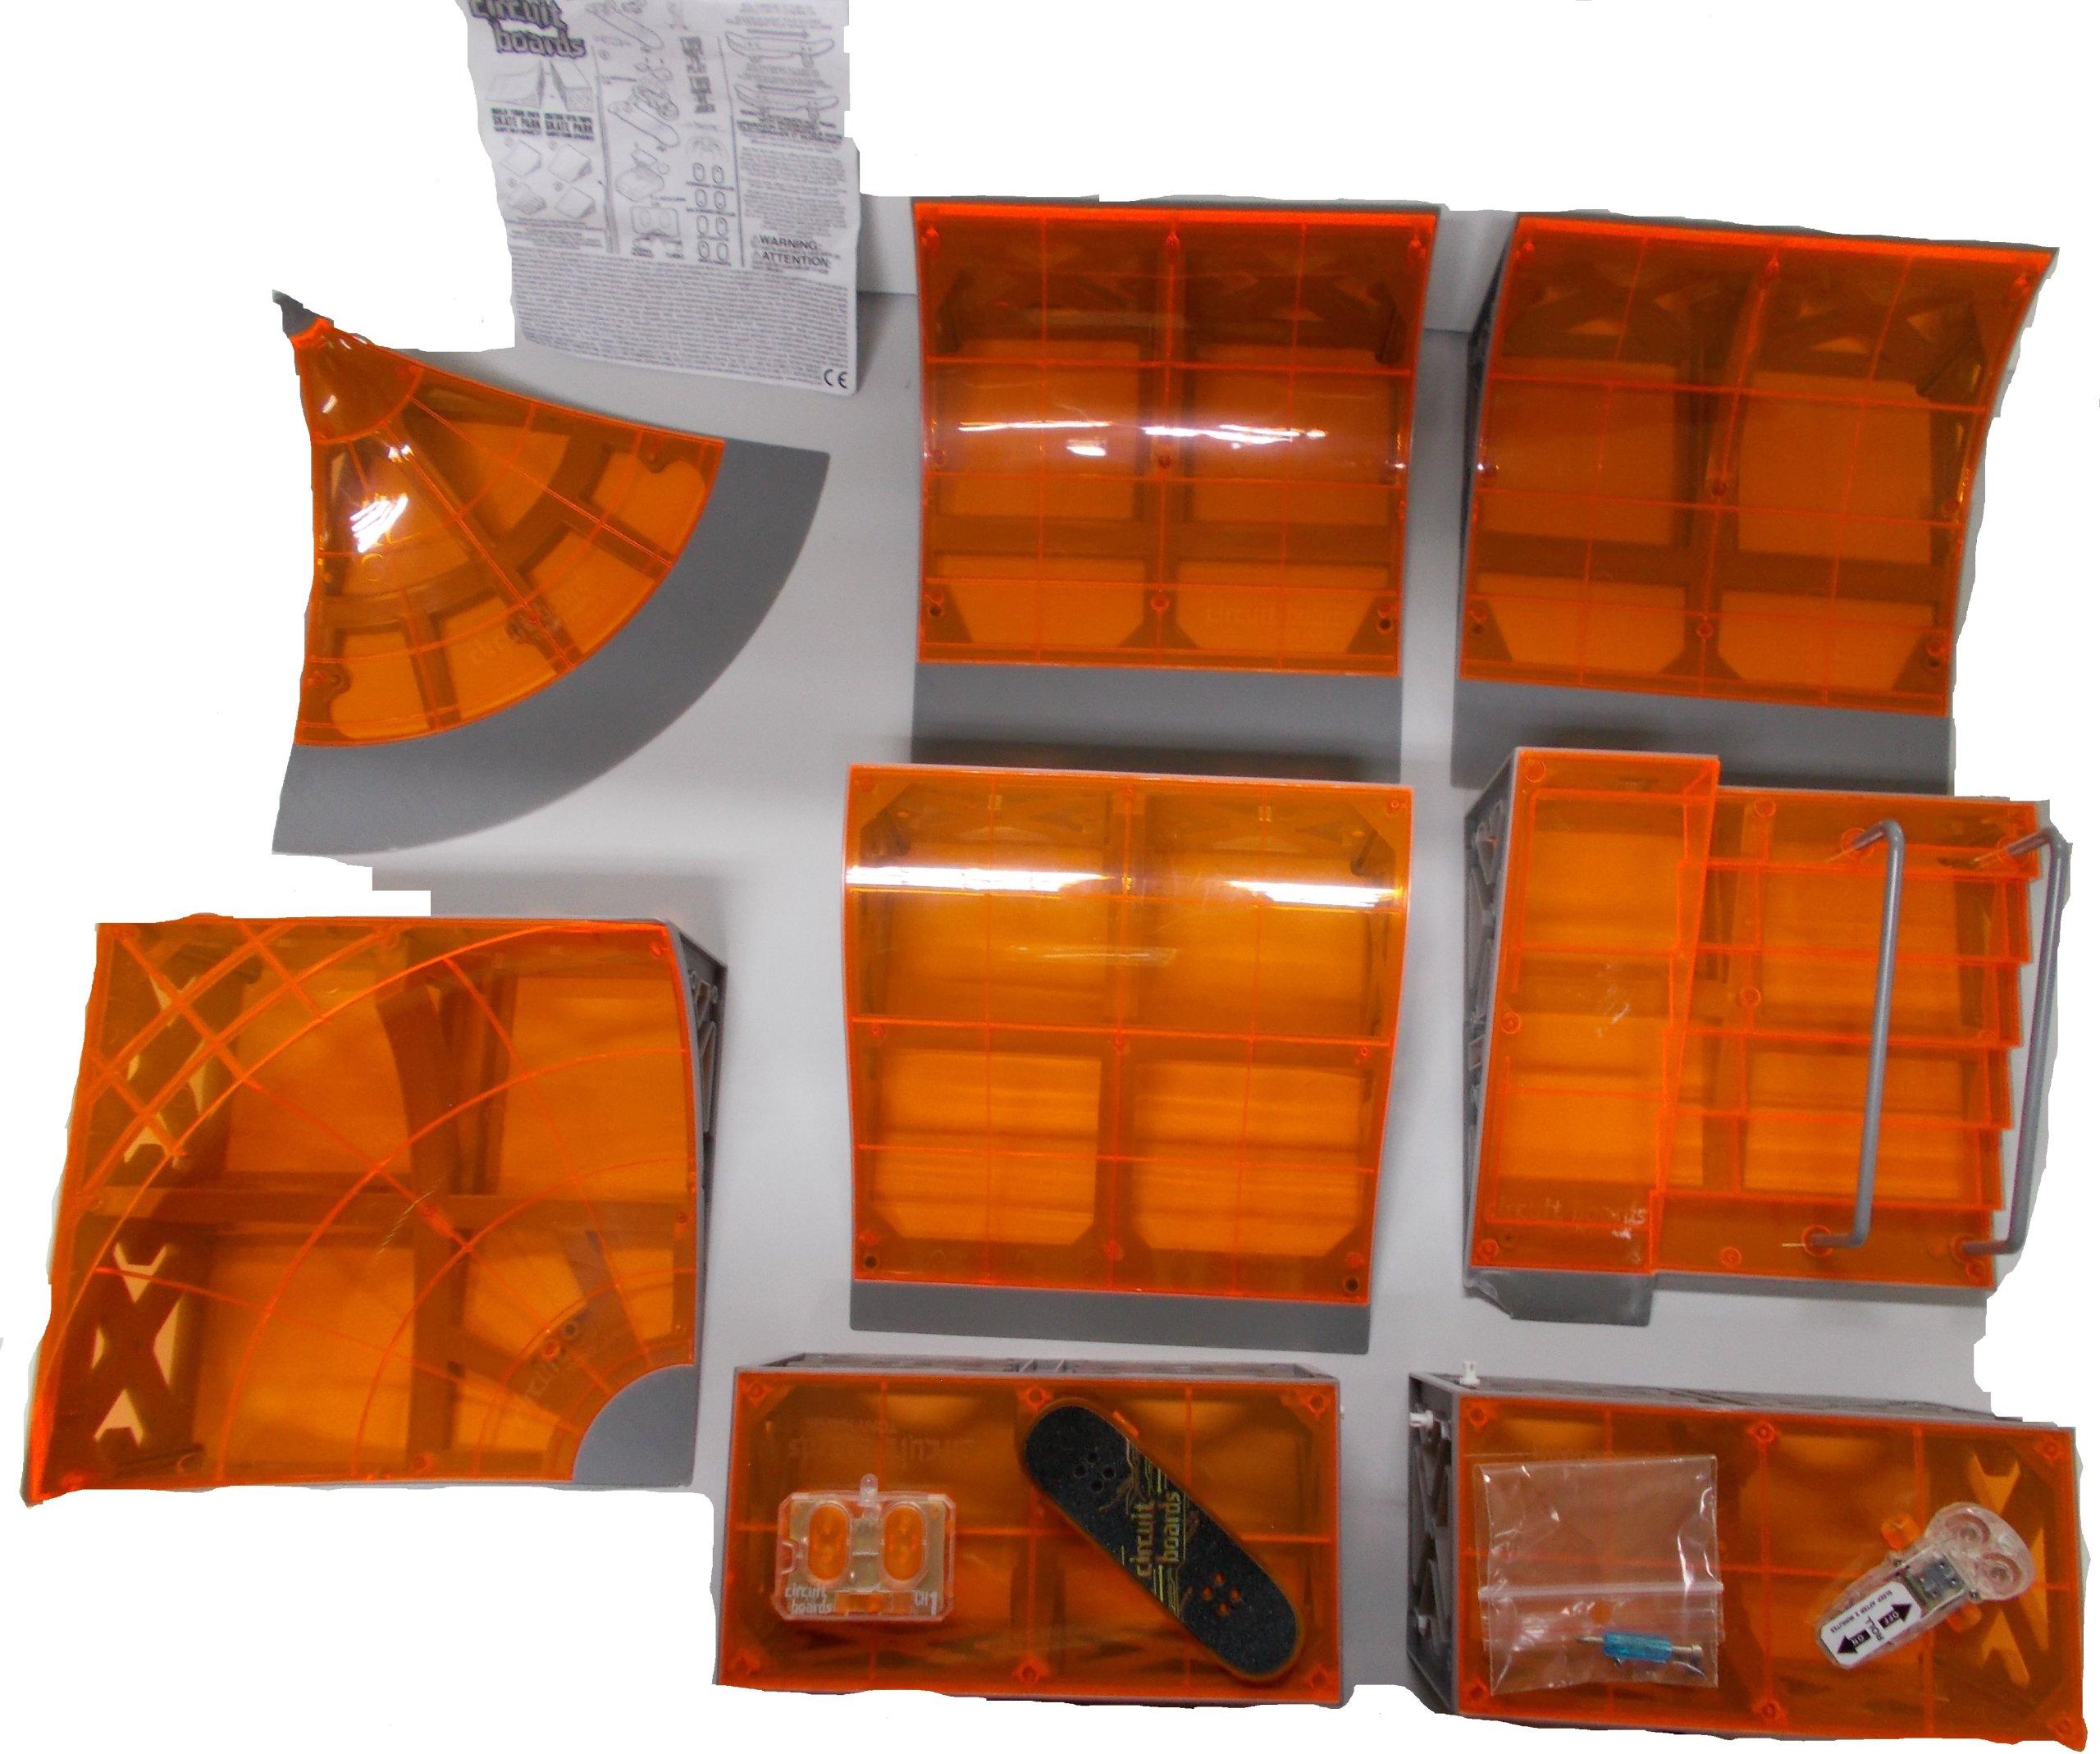 Tony Hawk Circuit Boards By Hexbug Halfpipe Hexbug